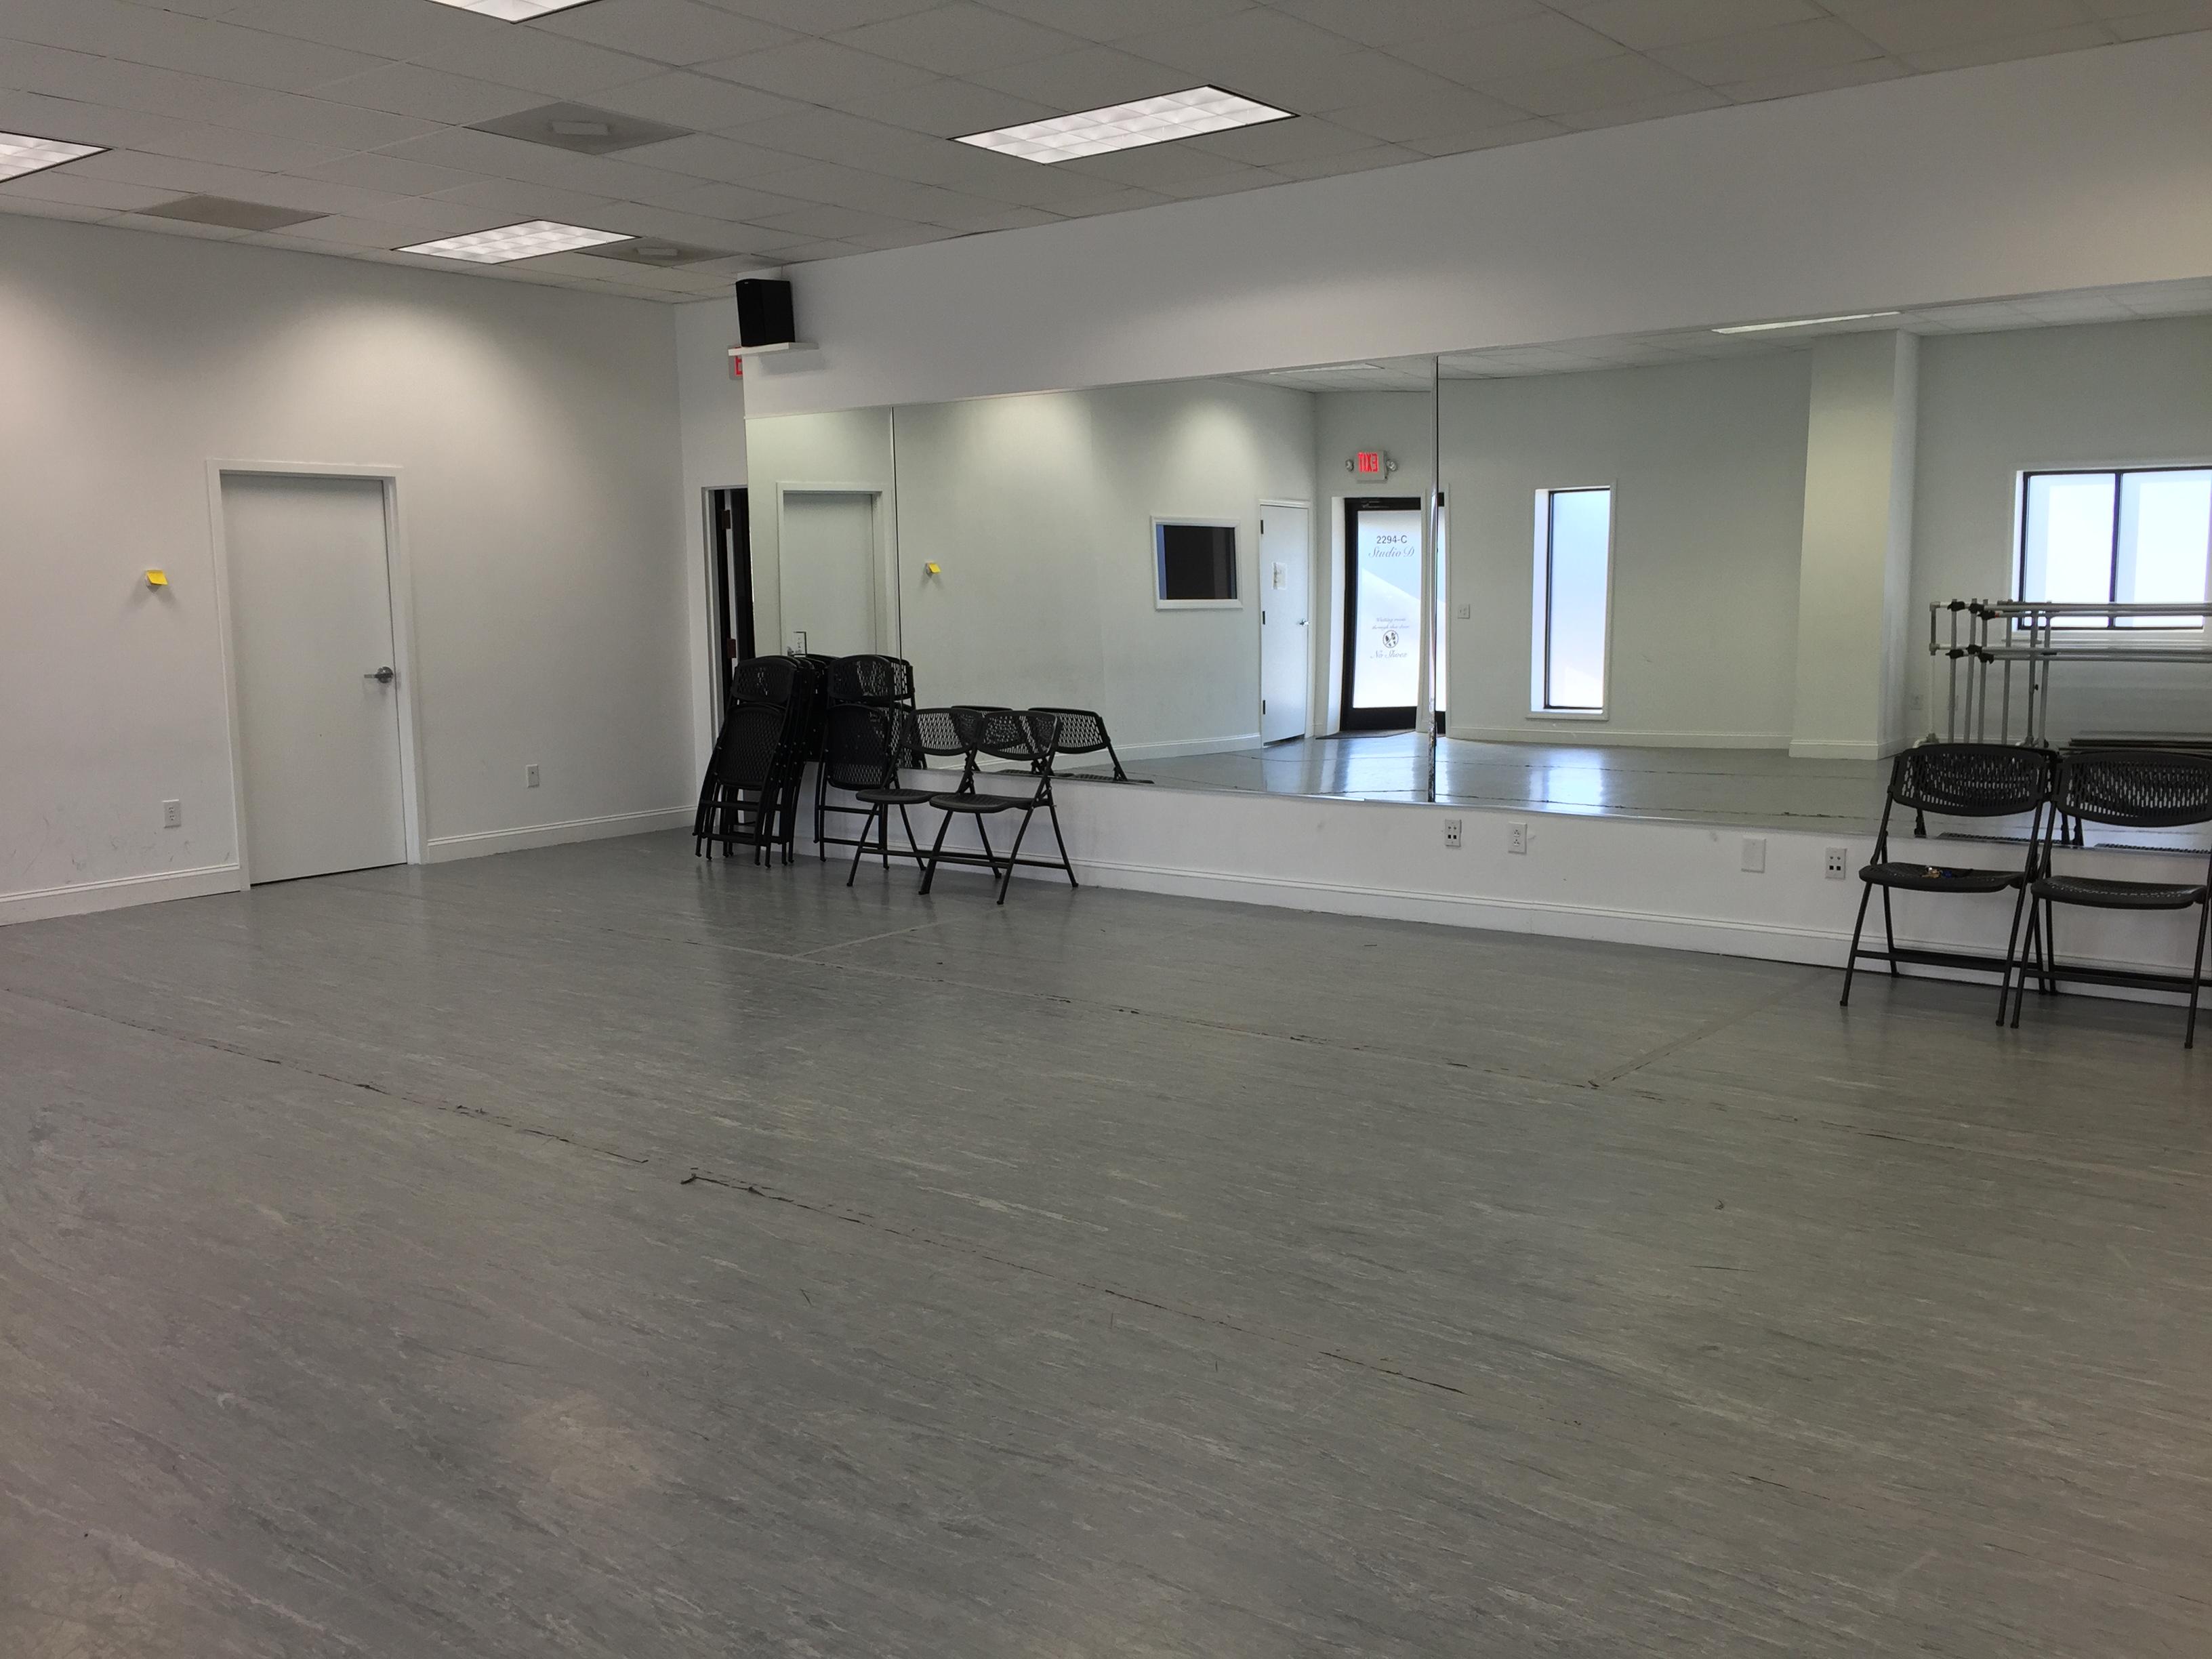 Studio Theatre Lobby